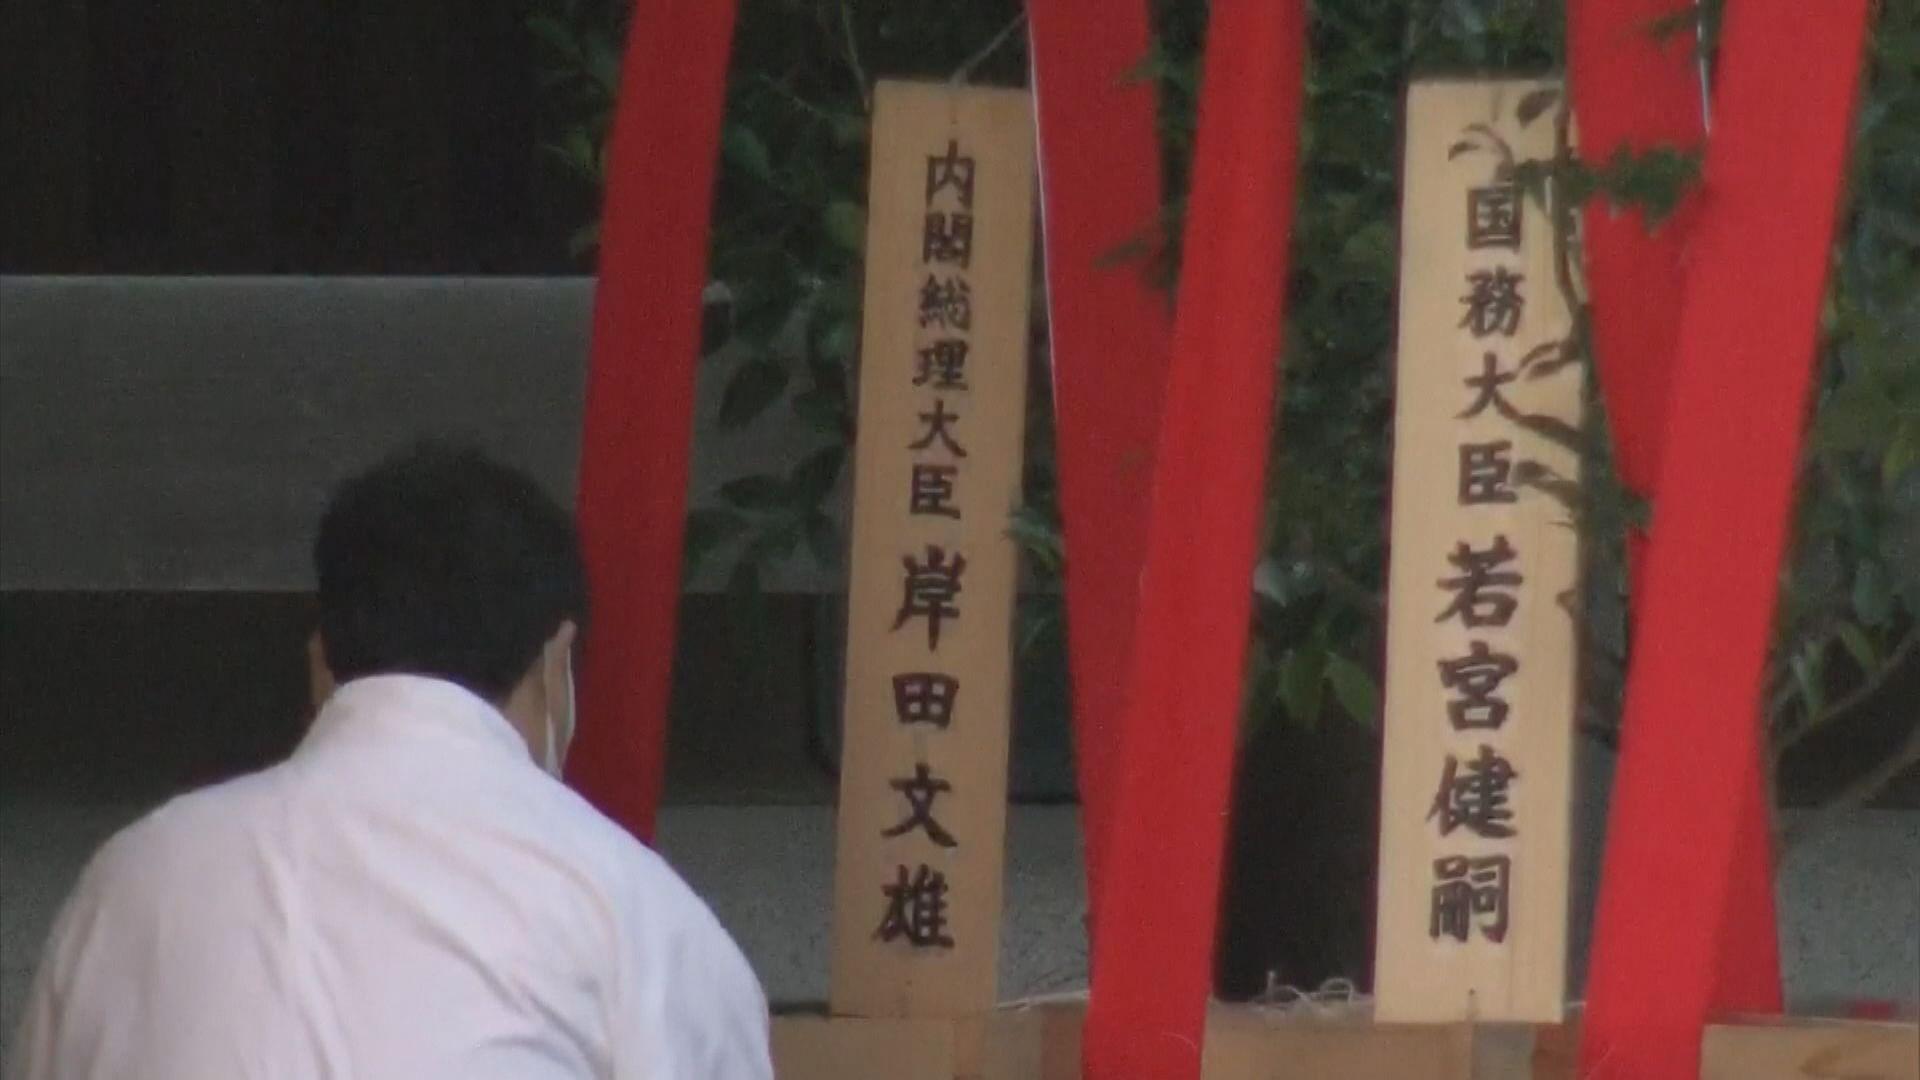 日揆岸田文雄向靖國神社供奉祭品 韓表遺憾促正視歷史